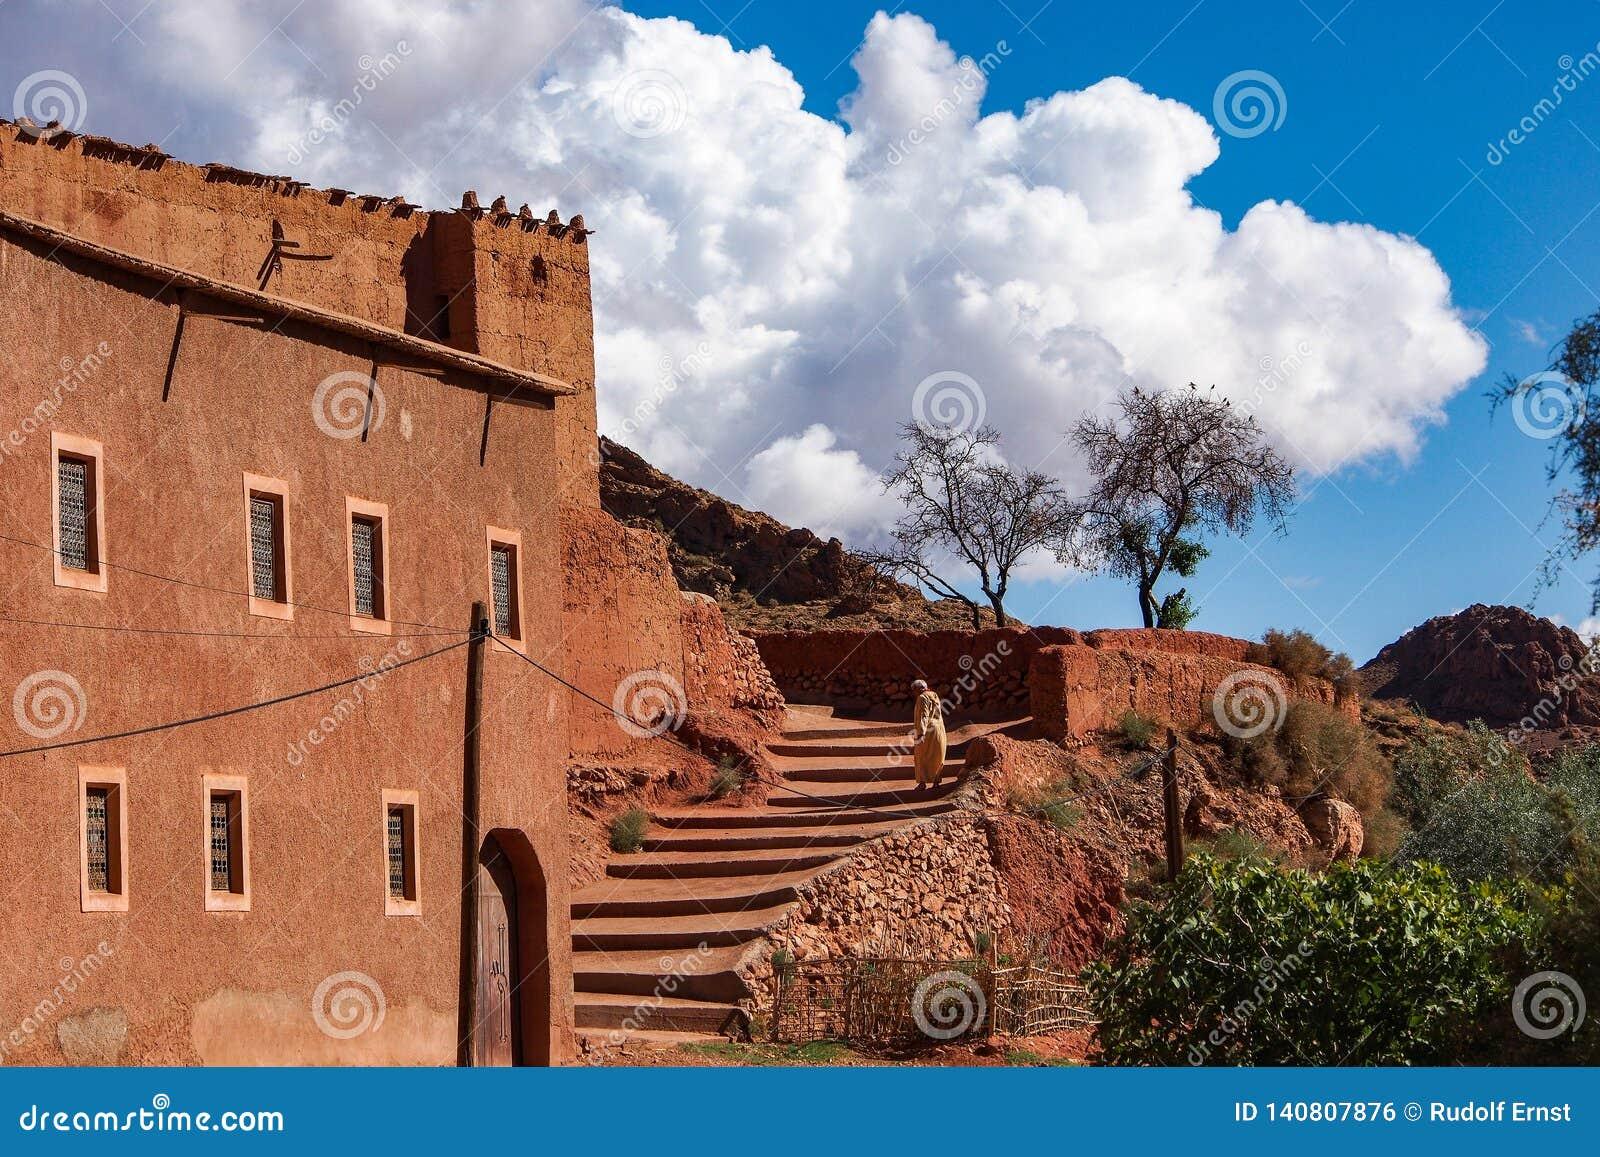 Dades wąwóz jest wąwozem Dades rzeka w atlant górach w Maroko